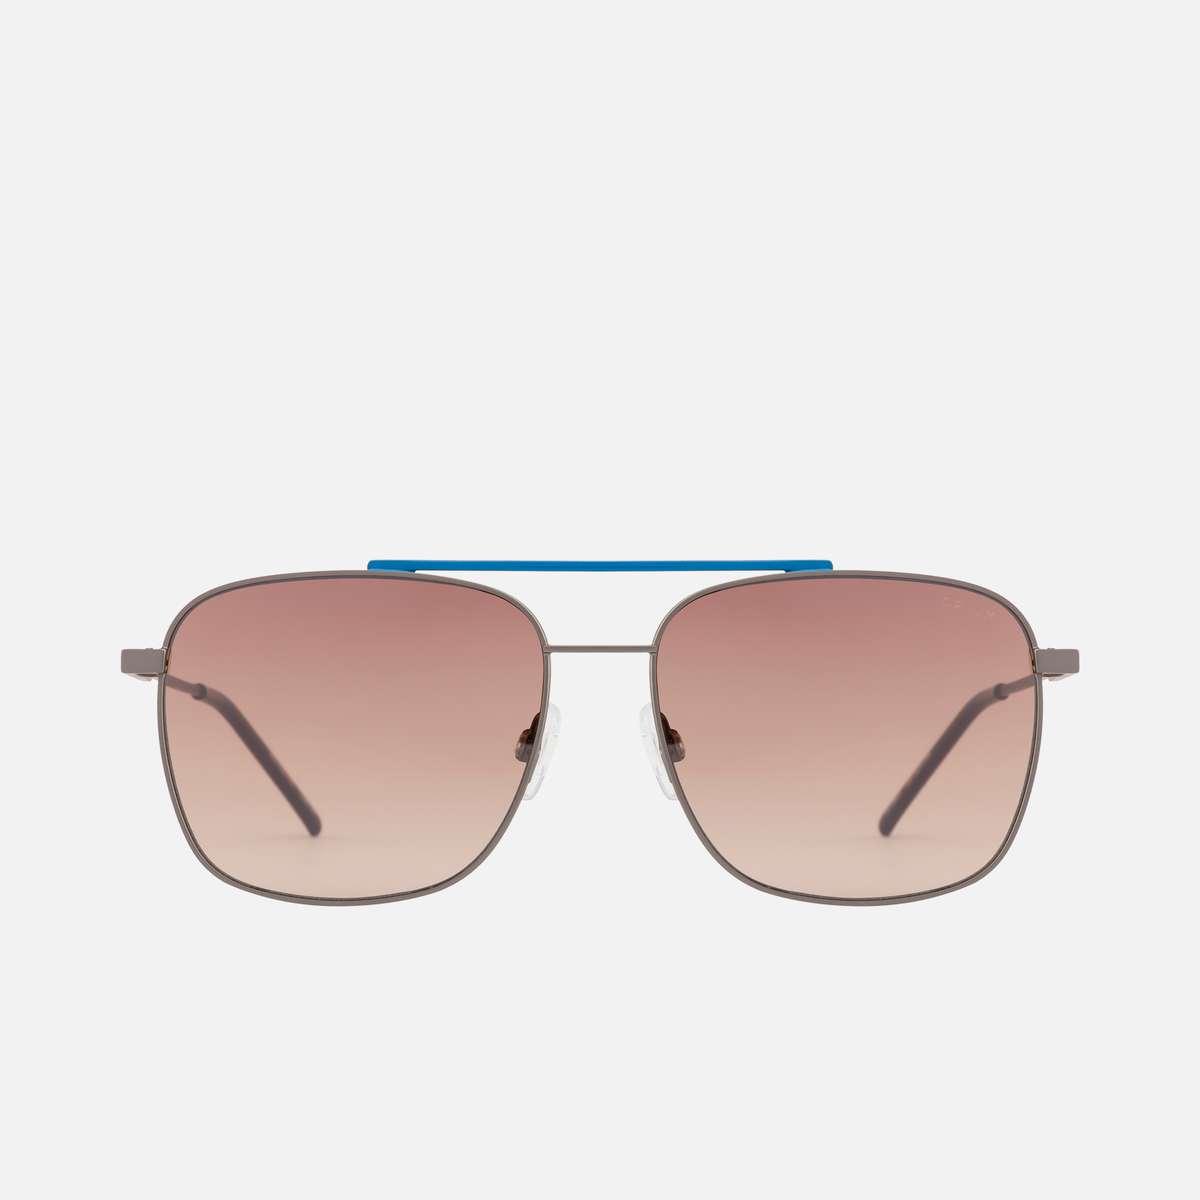 3.OPIUM Men Solid Square Sunglasses- OP-1831-C04